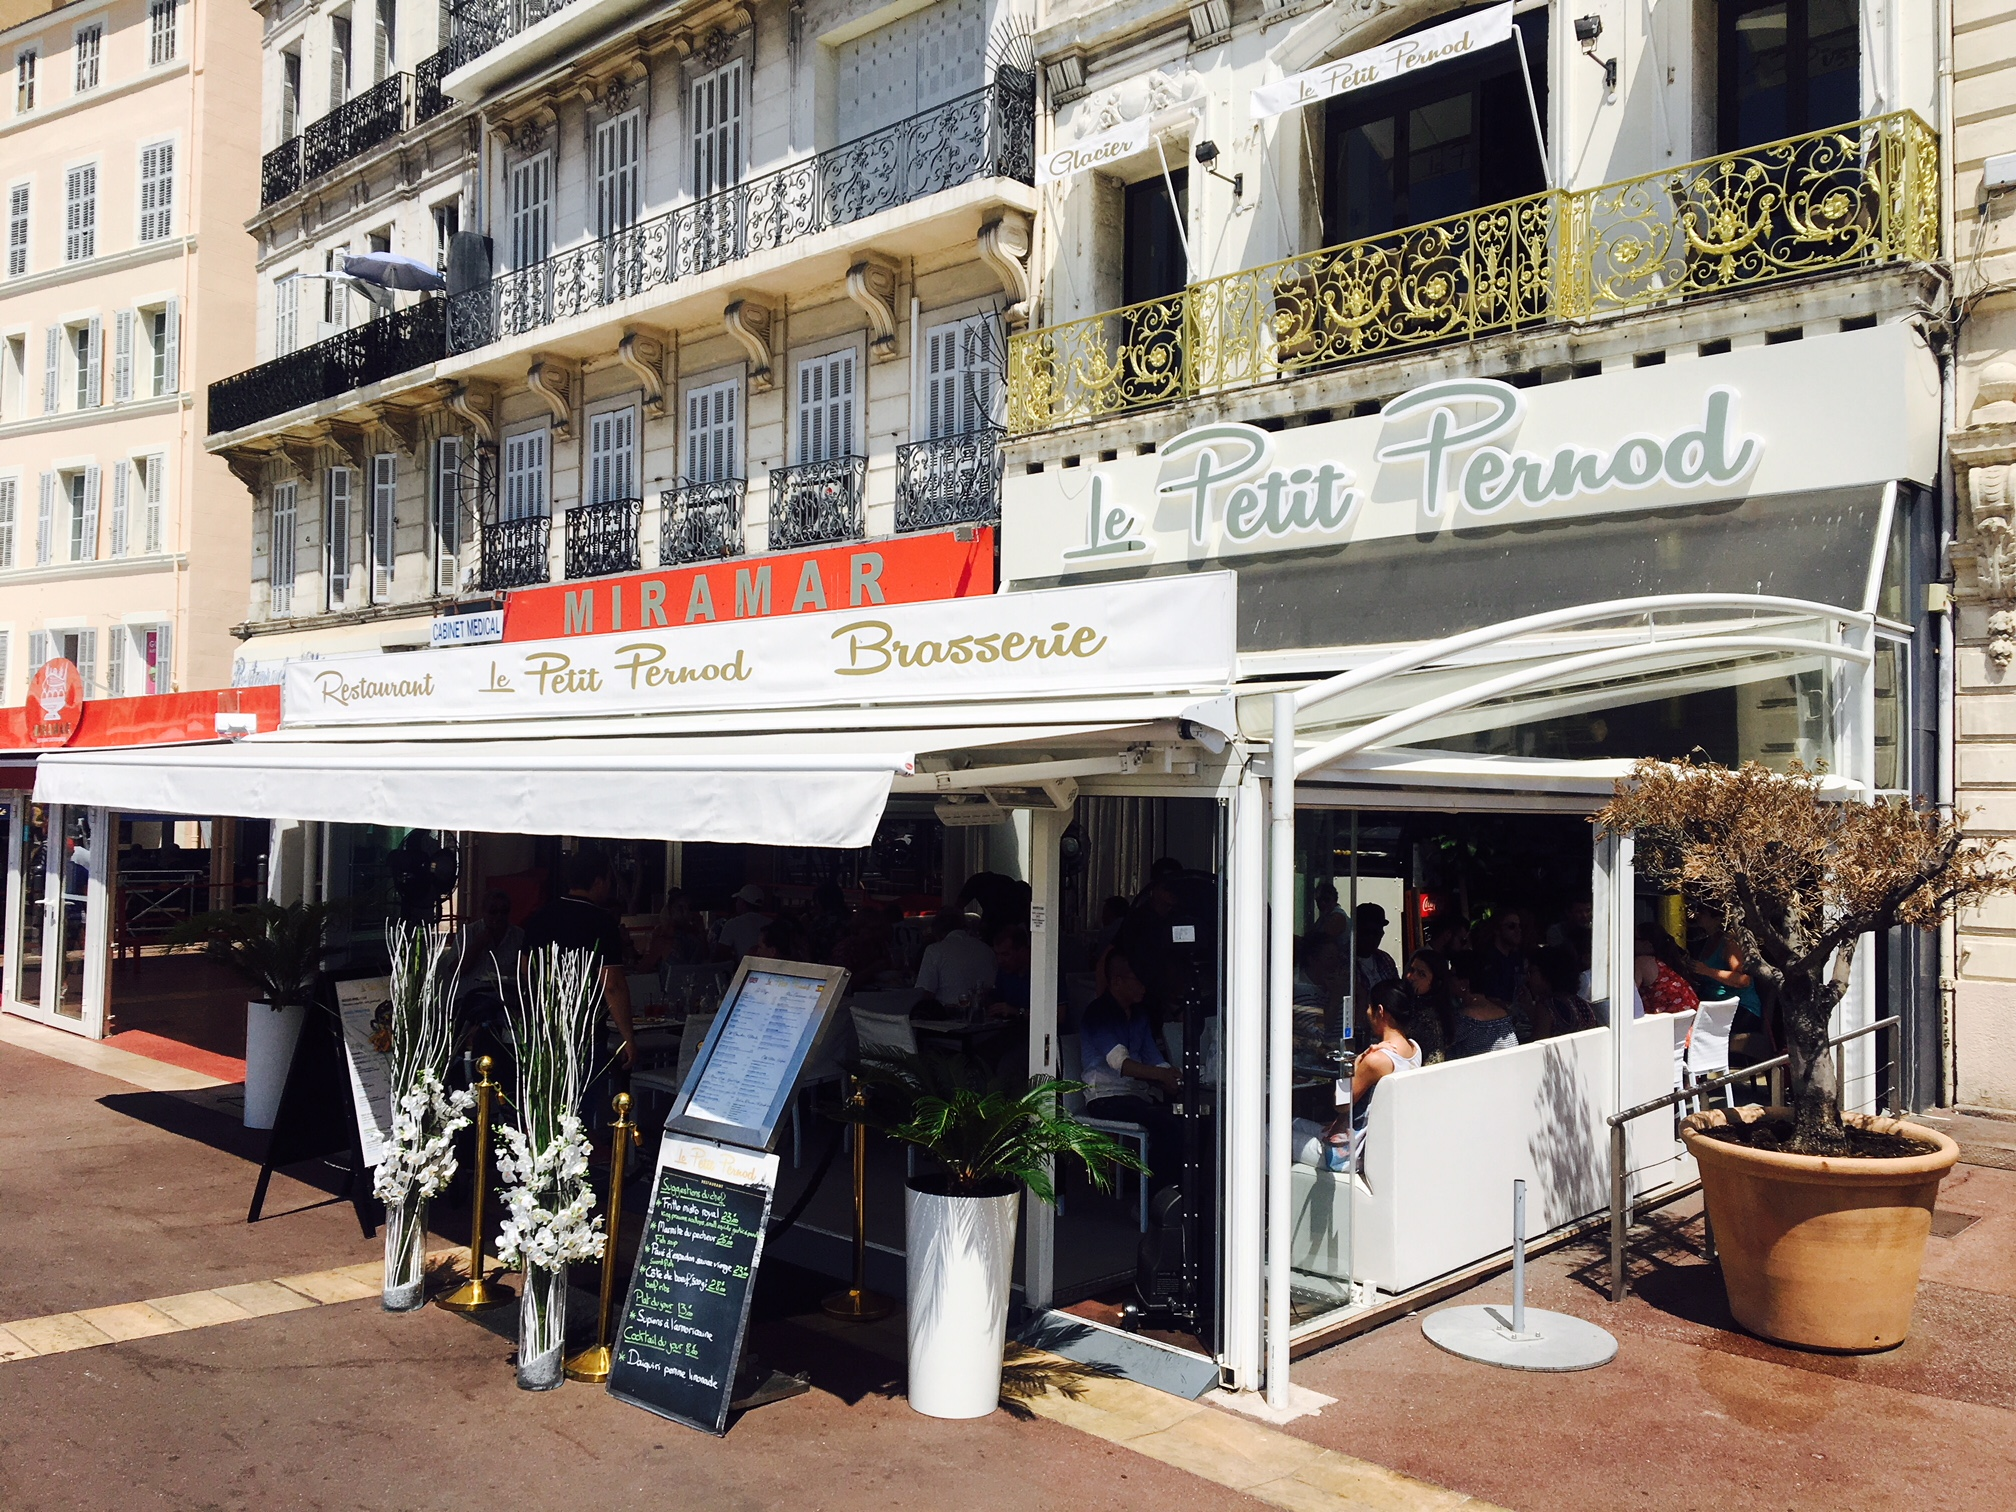 Restaurant vieux port marseille le petit pernod love spots - Restaurant libanais marseille vieux port ...